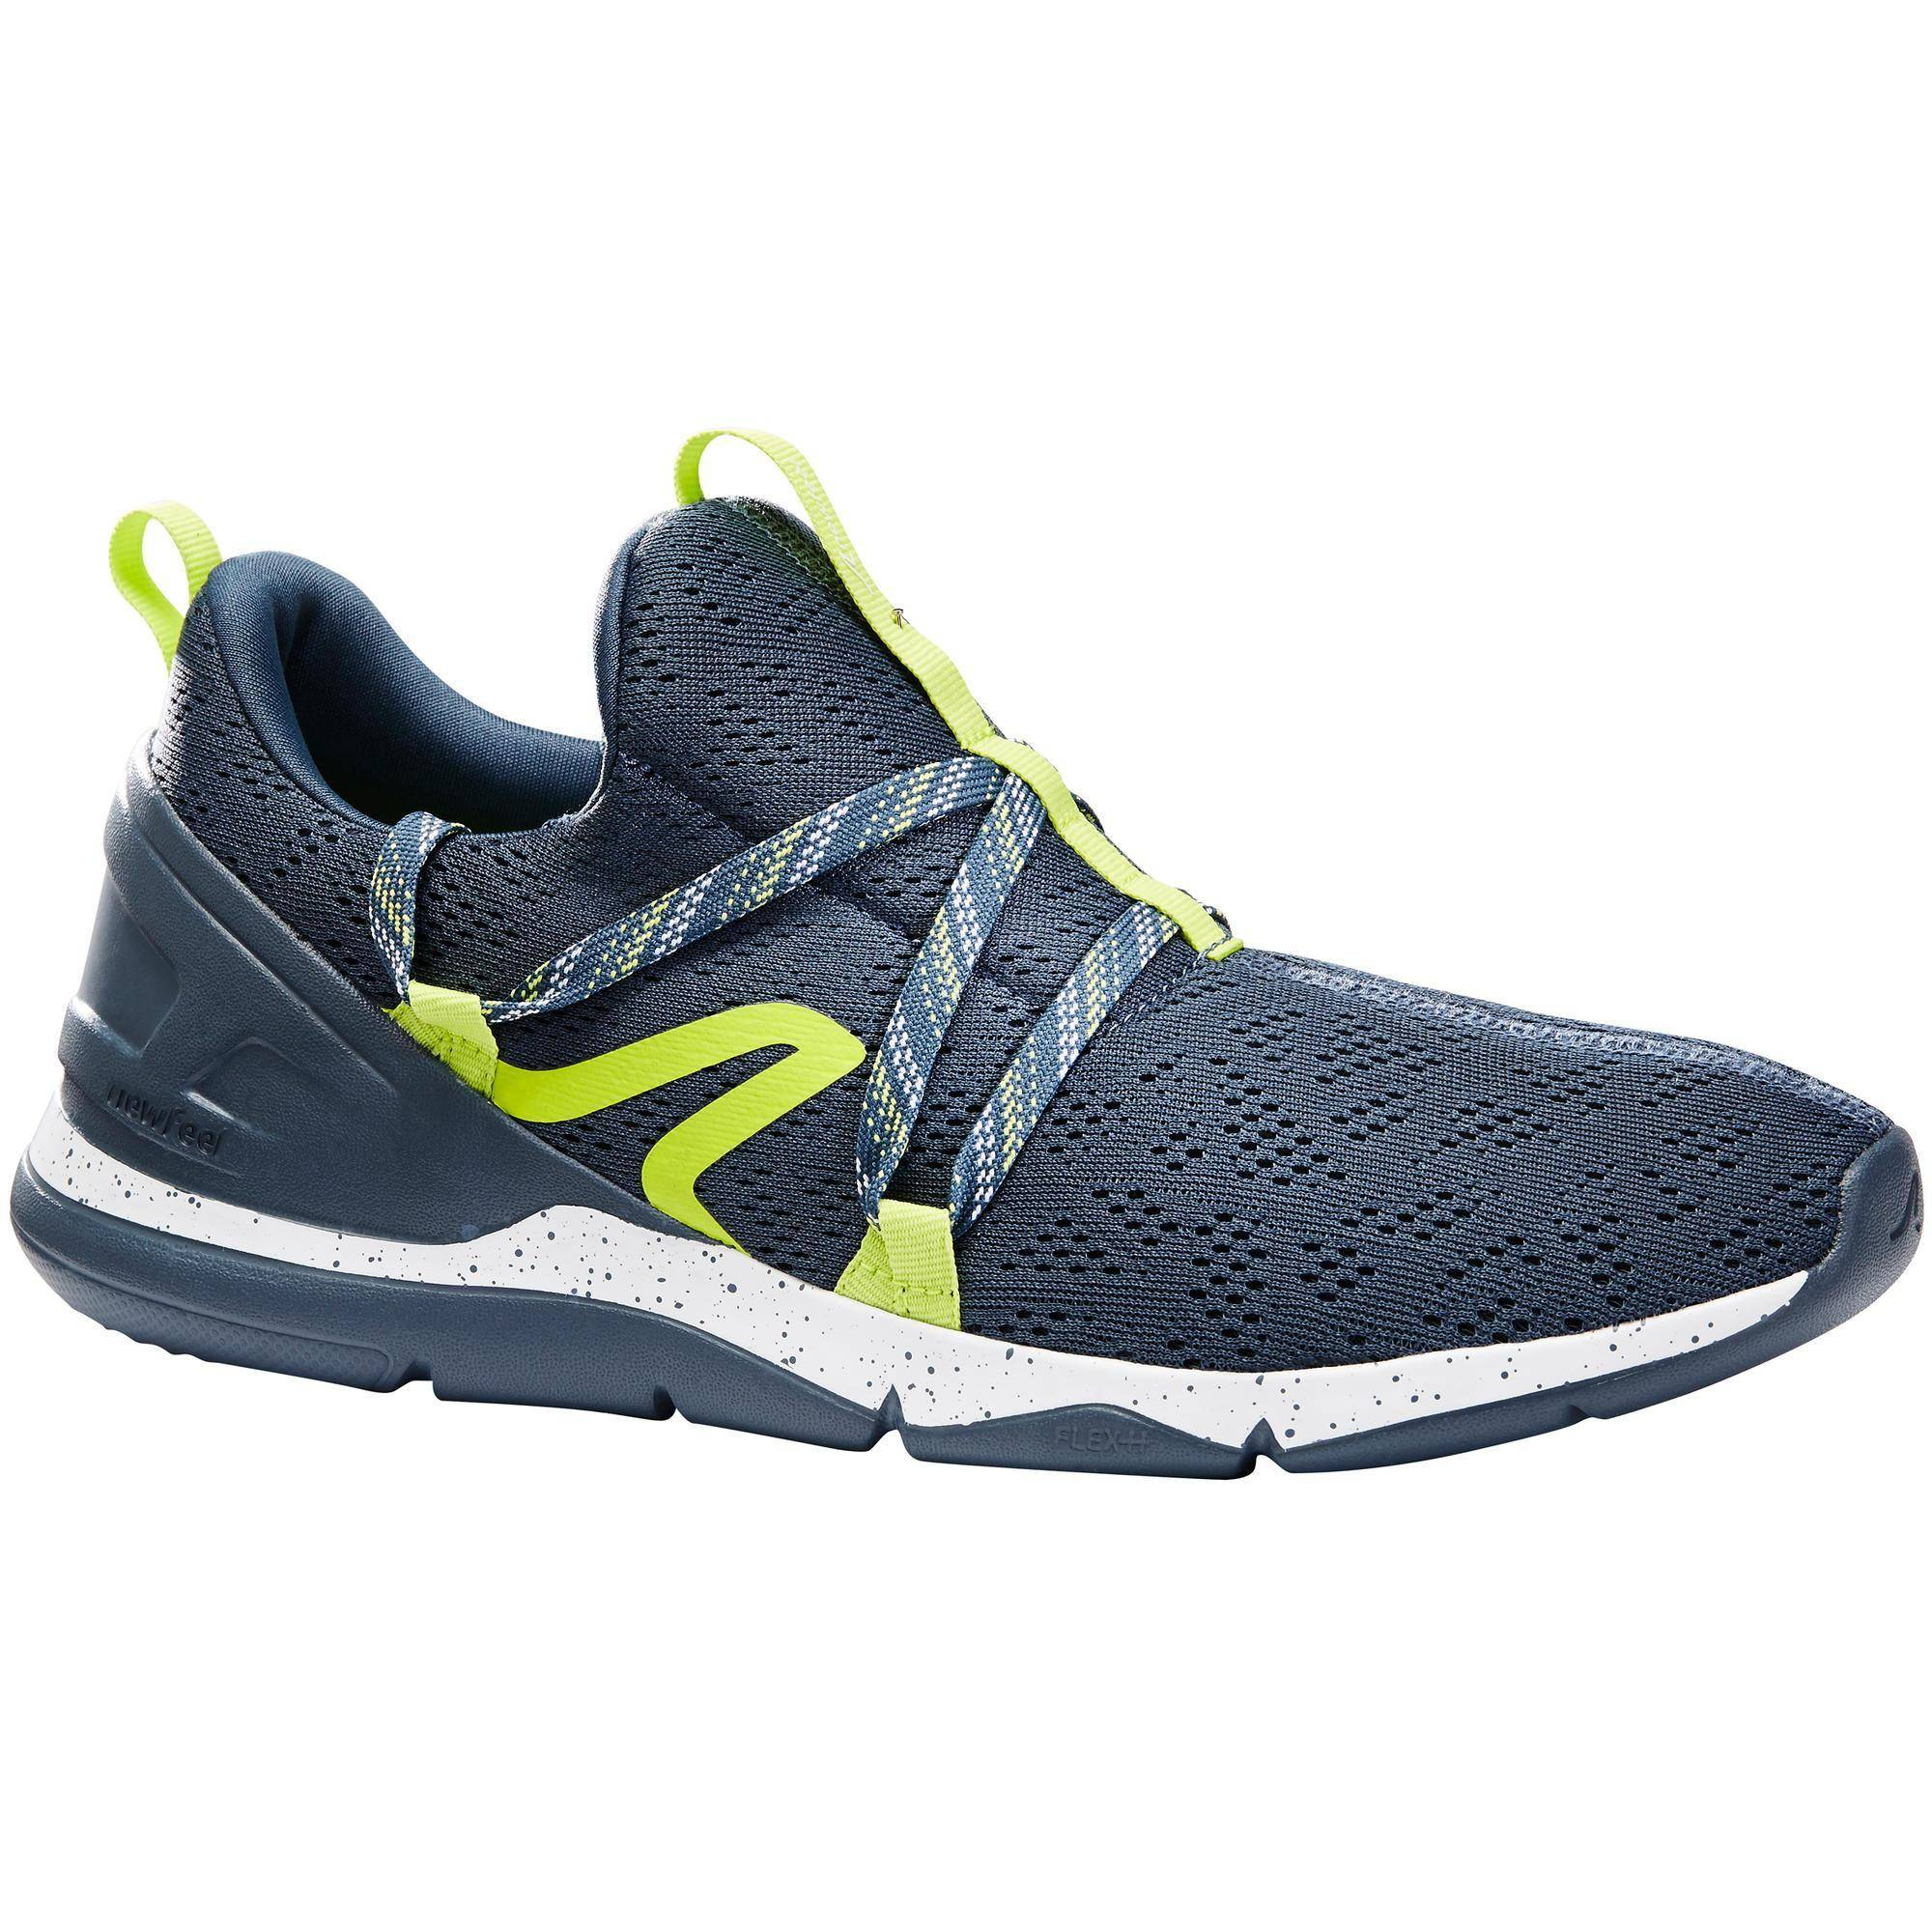 Newfeel Chaussures marche sportive homme PW 140 gris / jaune - Newfeel